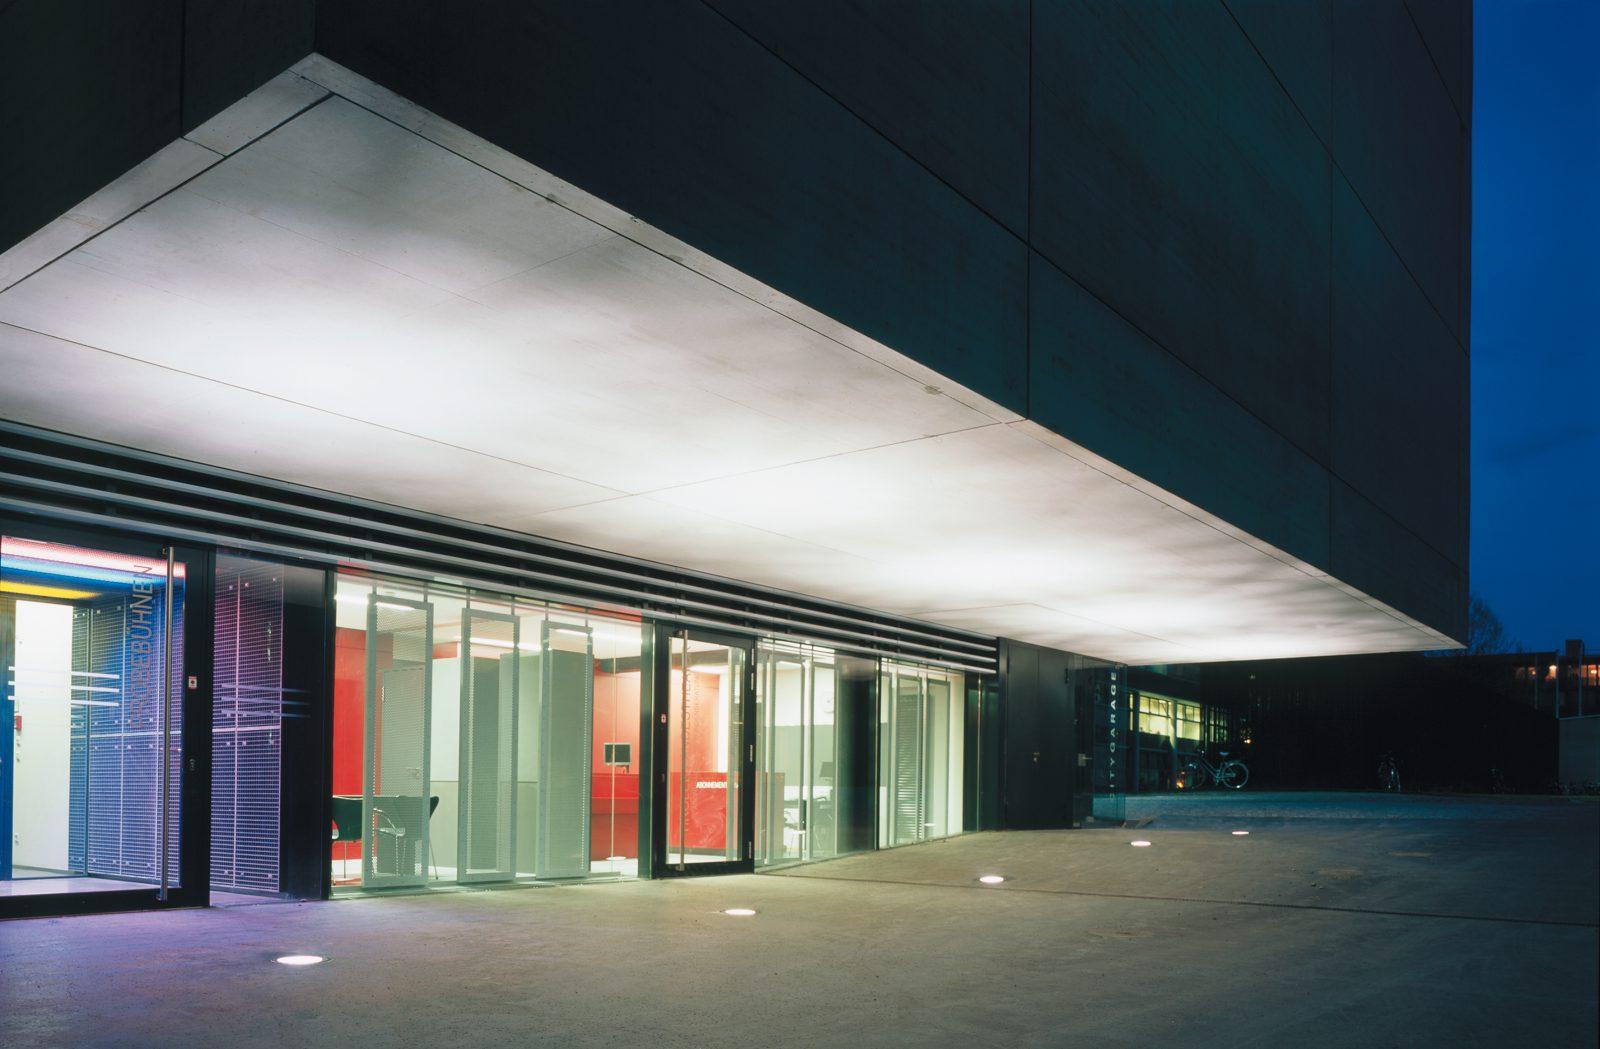 Tiroler Landestheater, Innsbruck, Österreich, Neubau eines Probengebäudes sowie Aufstockung und Reorganisation des Betriebsbereichs